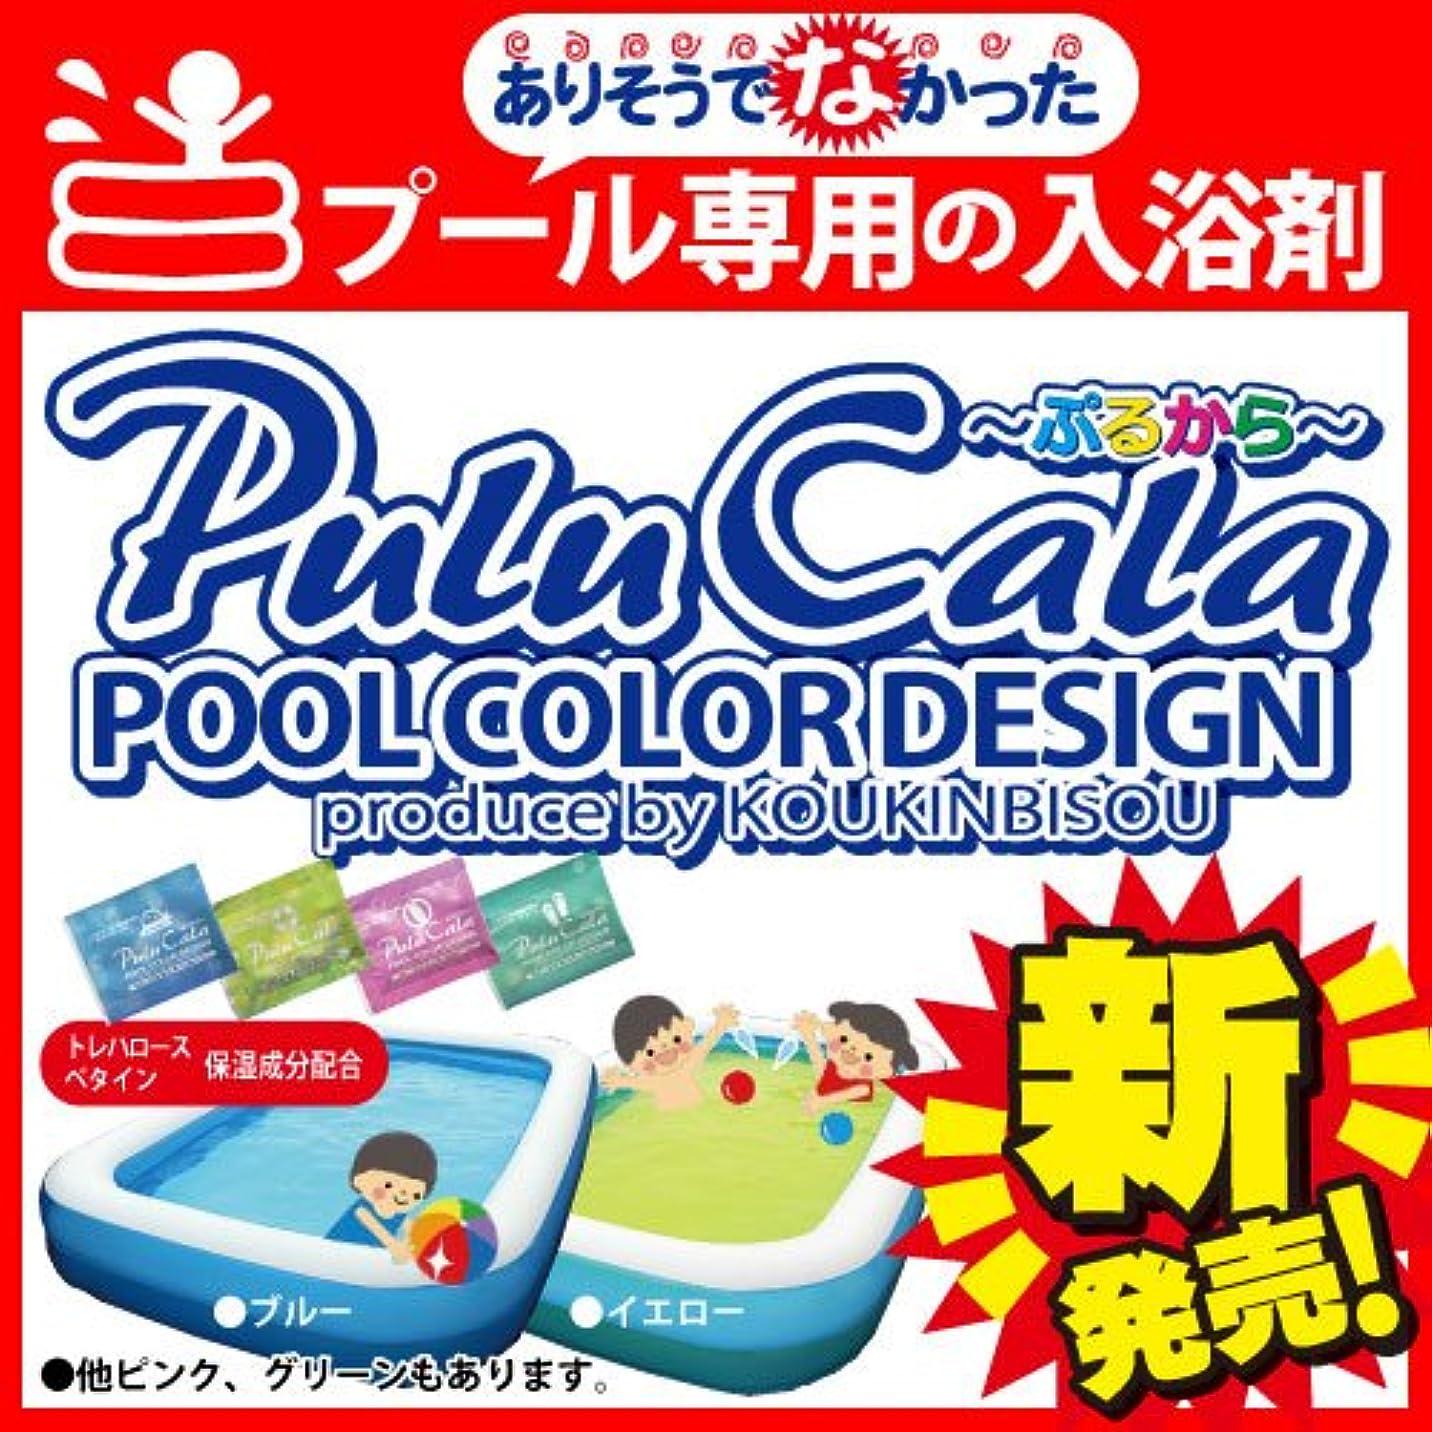 バッチもっともらしい魅力的【プール専用入浴剤】ぷるから ブルー10回分セット(25g×10) 目や口に入っても大丈夫!